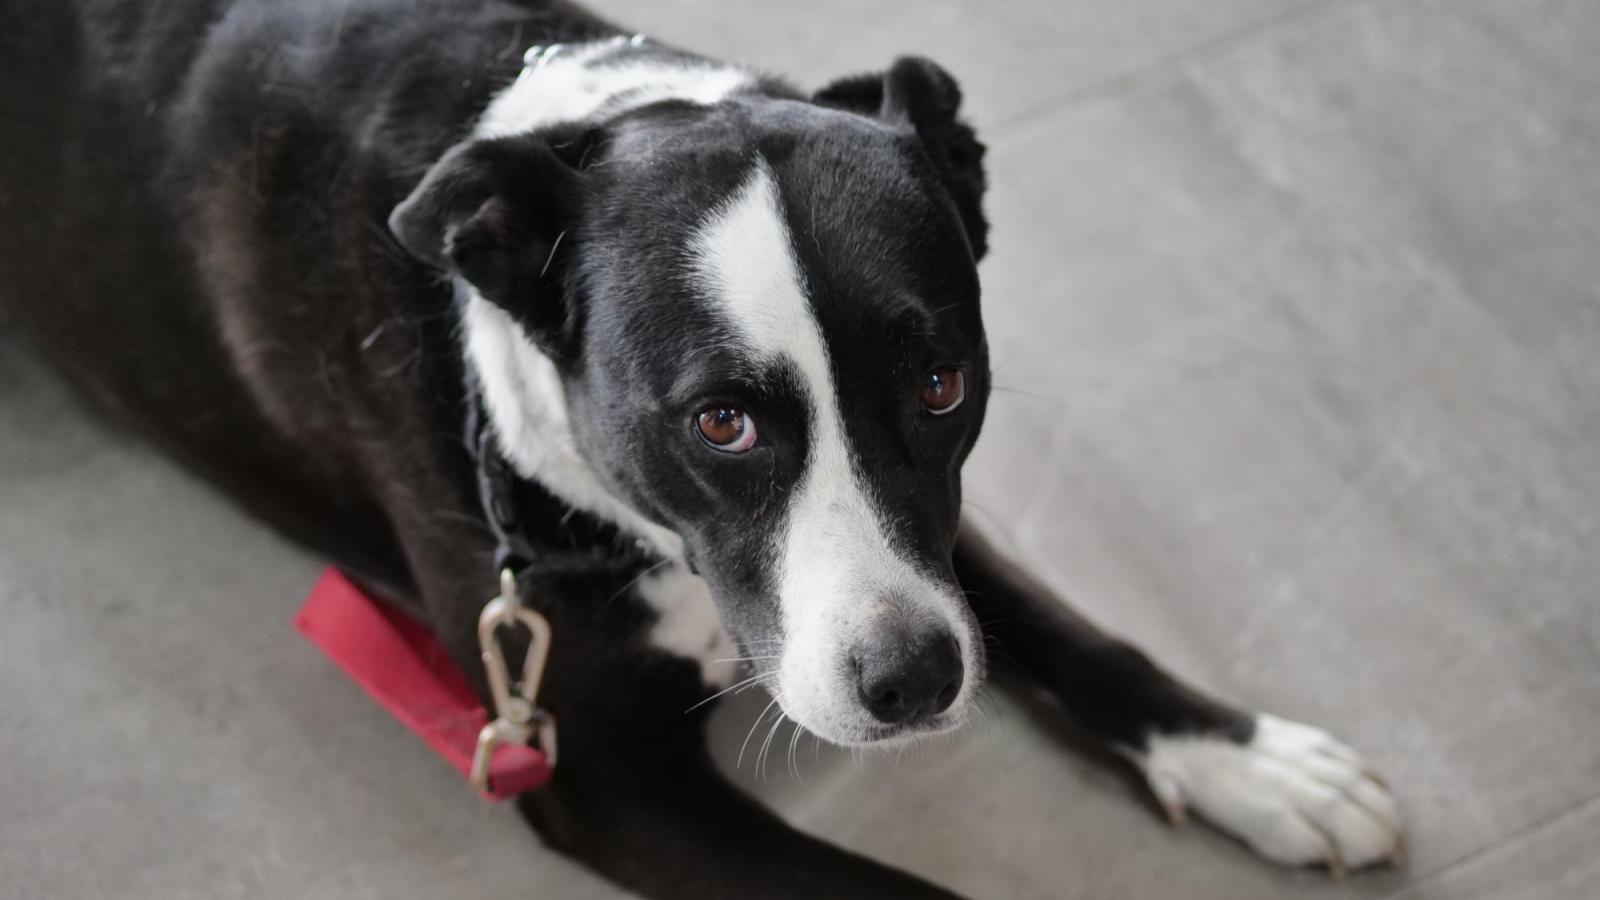 Dog pain story